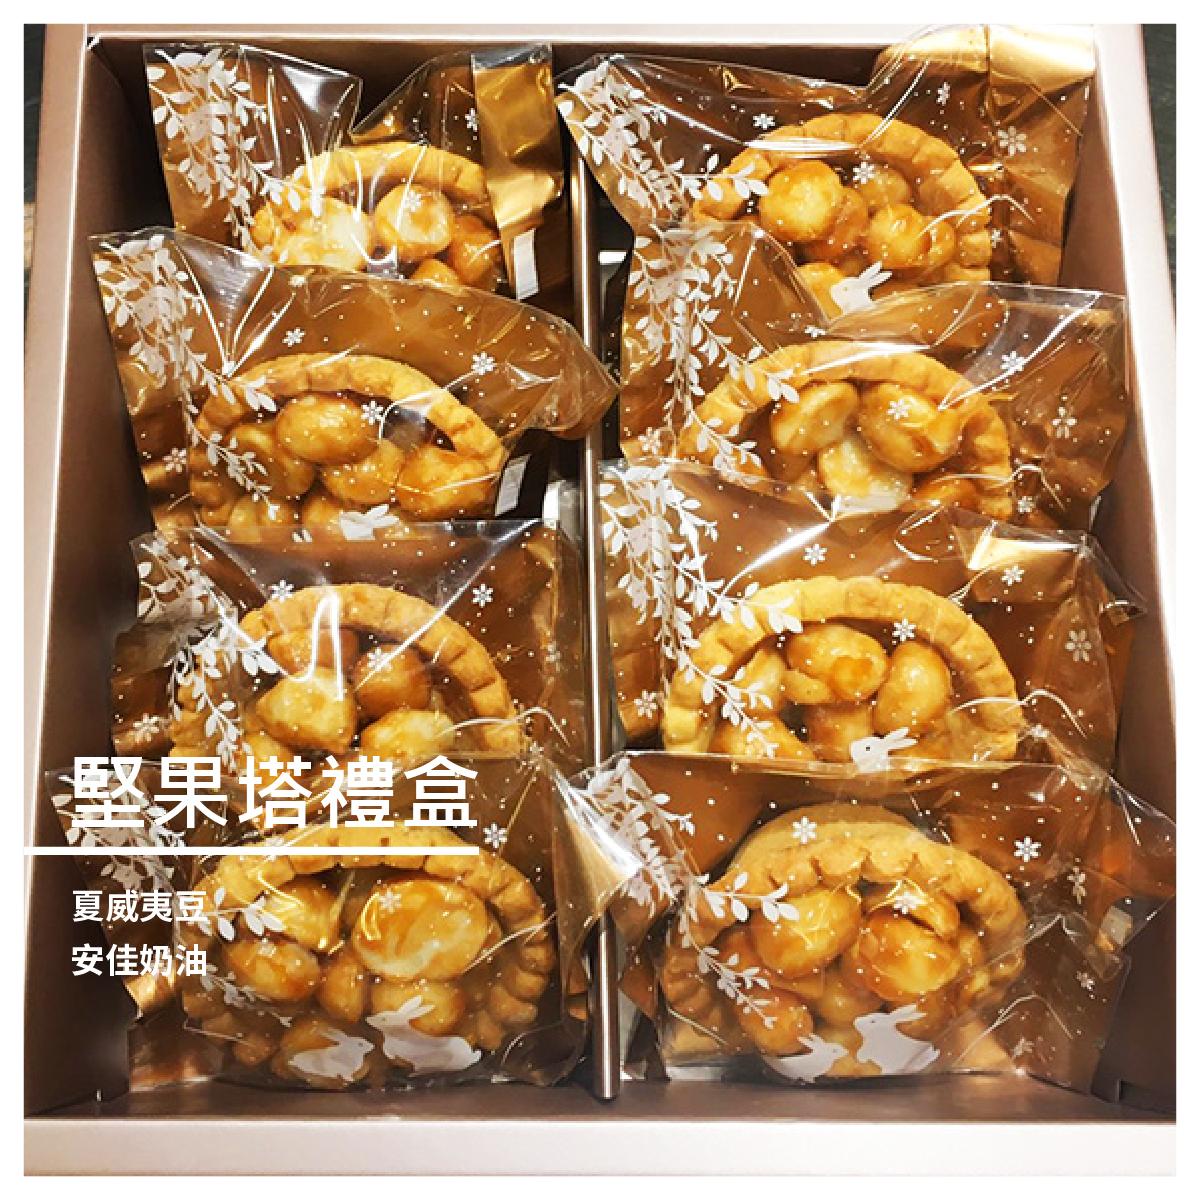 【帕爾堤麵包工房】堅果塔禮盒 8入